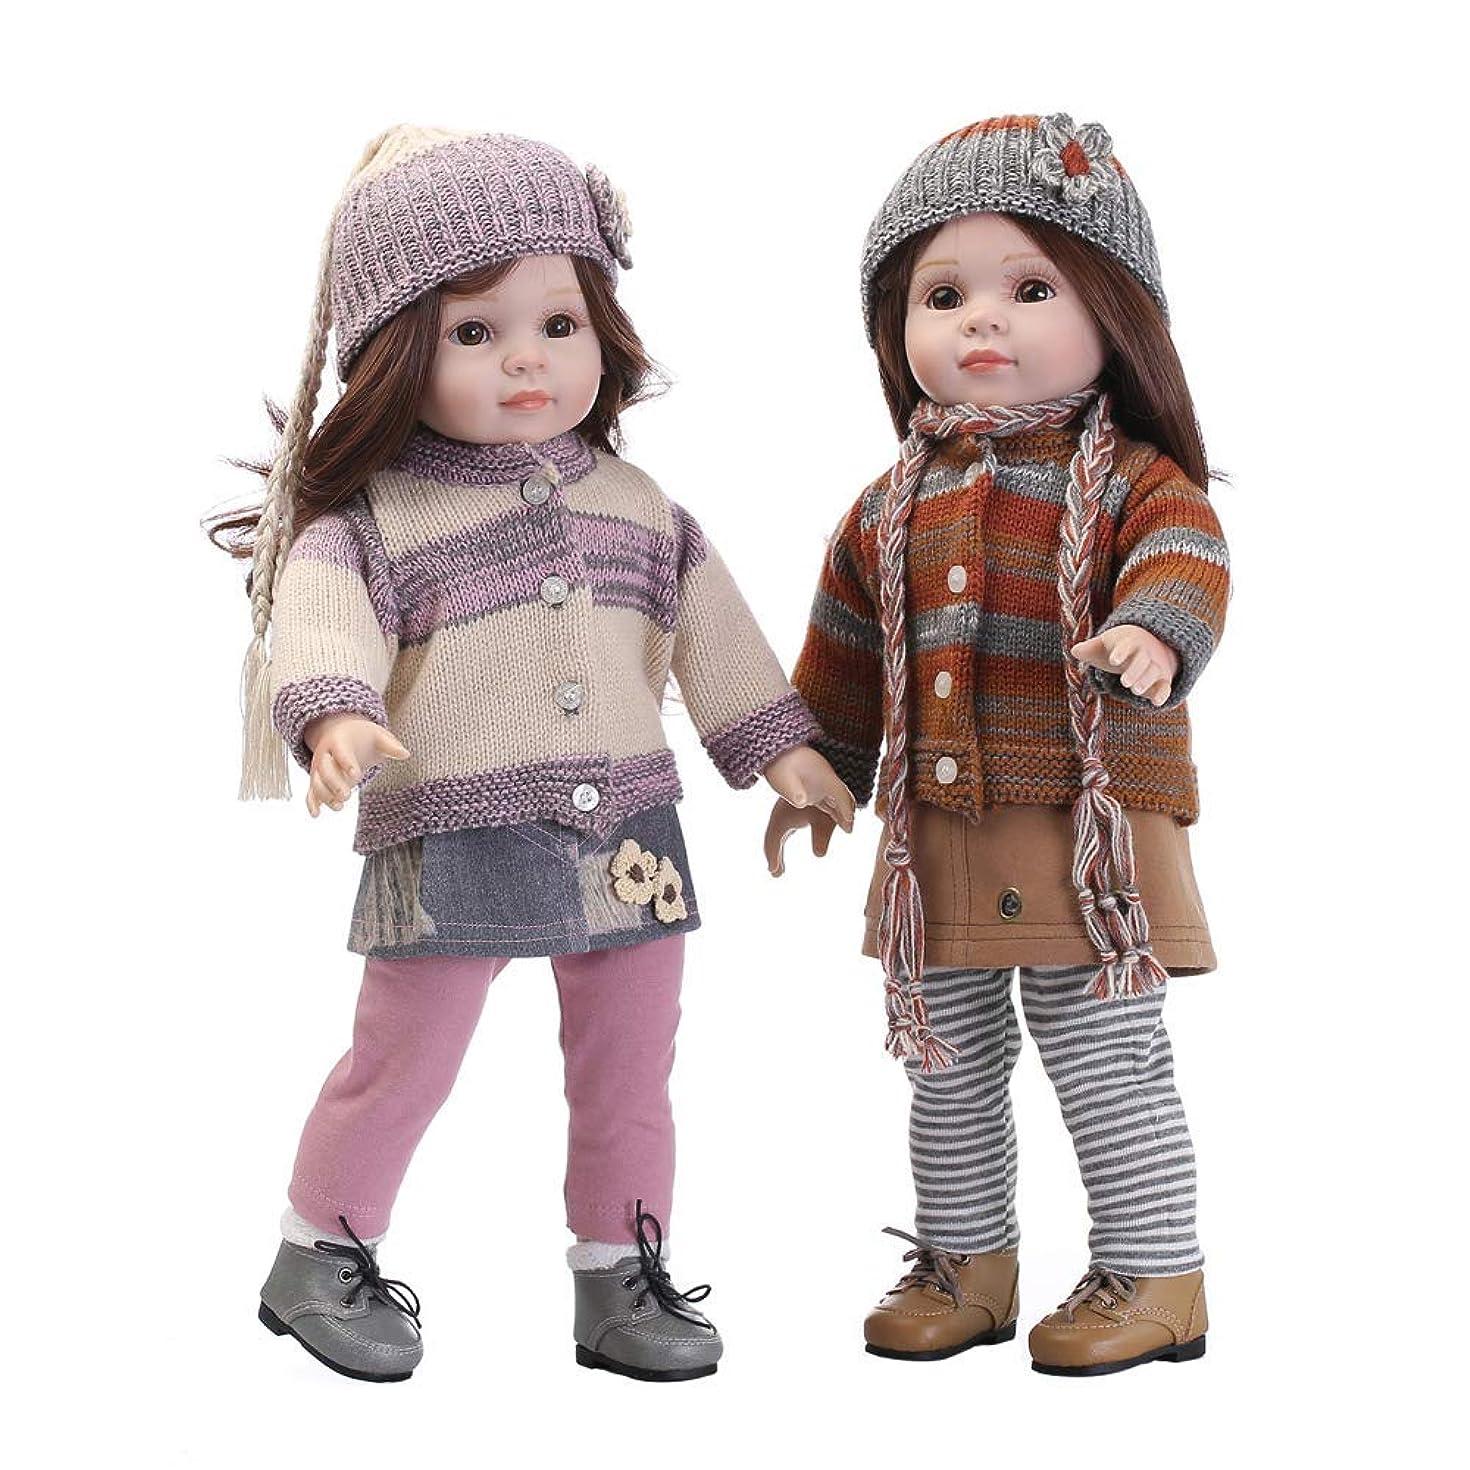 共感する厳密に不愉快Reborn Baby Dolls Reborn Baby Dolls Country Girl 18 Inch 45cm Full Body Silicone Silicone-Gift Hand Made Child Safe Non To...